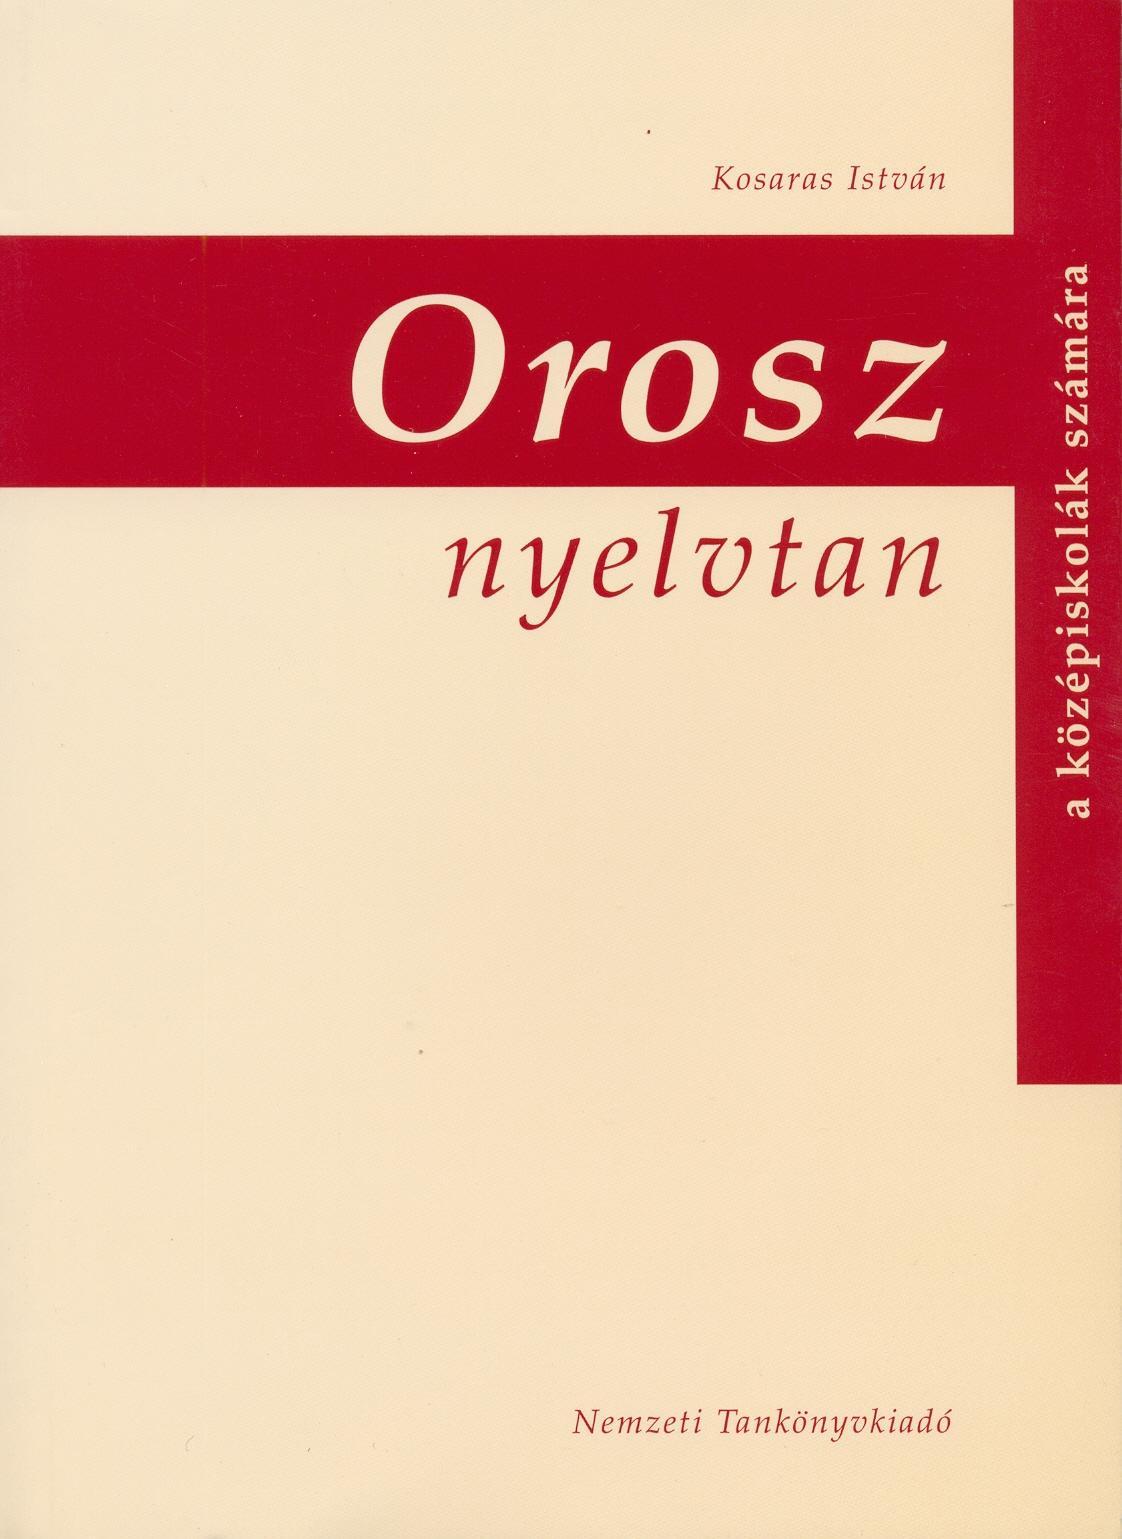 Orosz nyelvtan a középiskolák számára (Kosaras István)